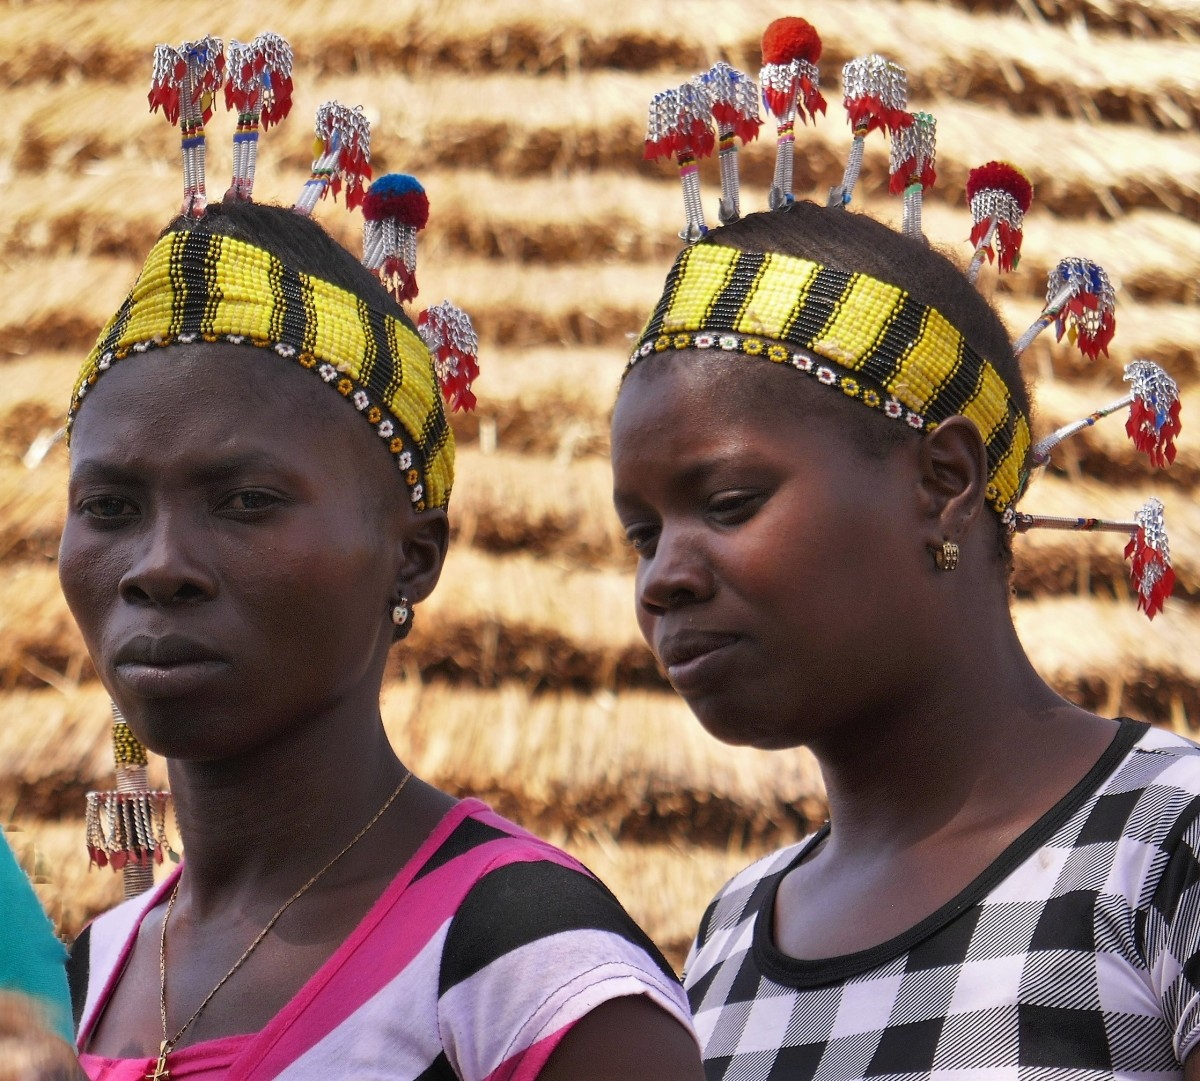 Zdjęcia: Wioska Bassari, Południowy wschód Senegalu, Kobiety Bassari, SENEGAL